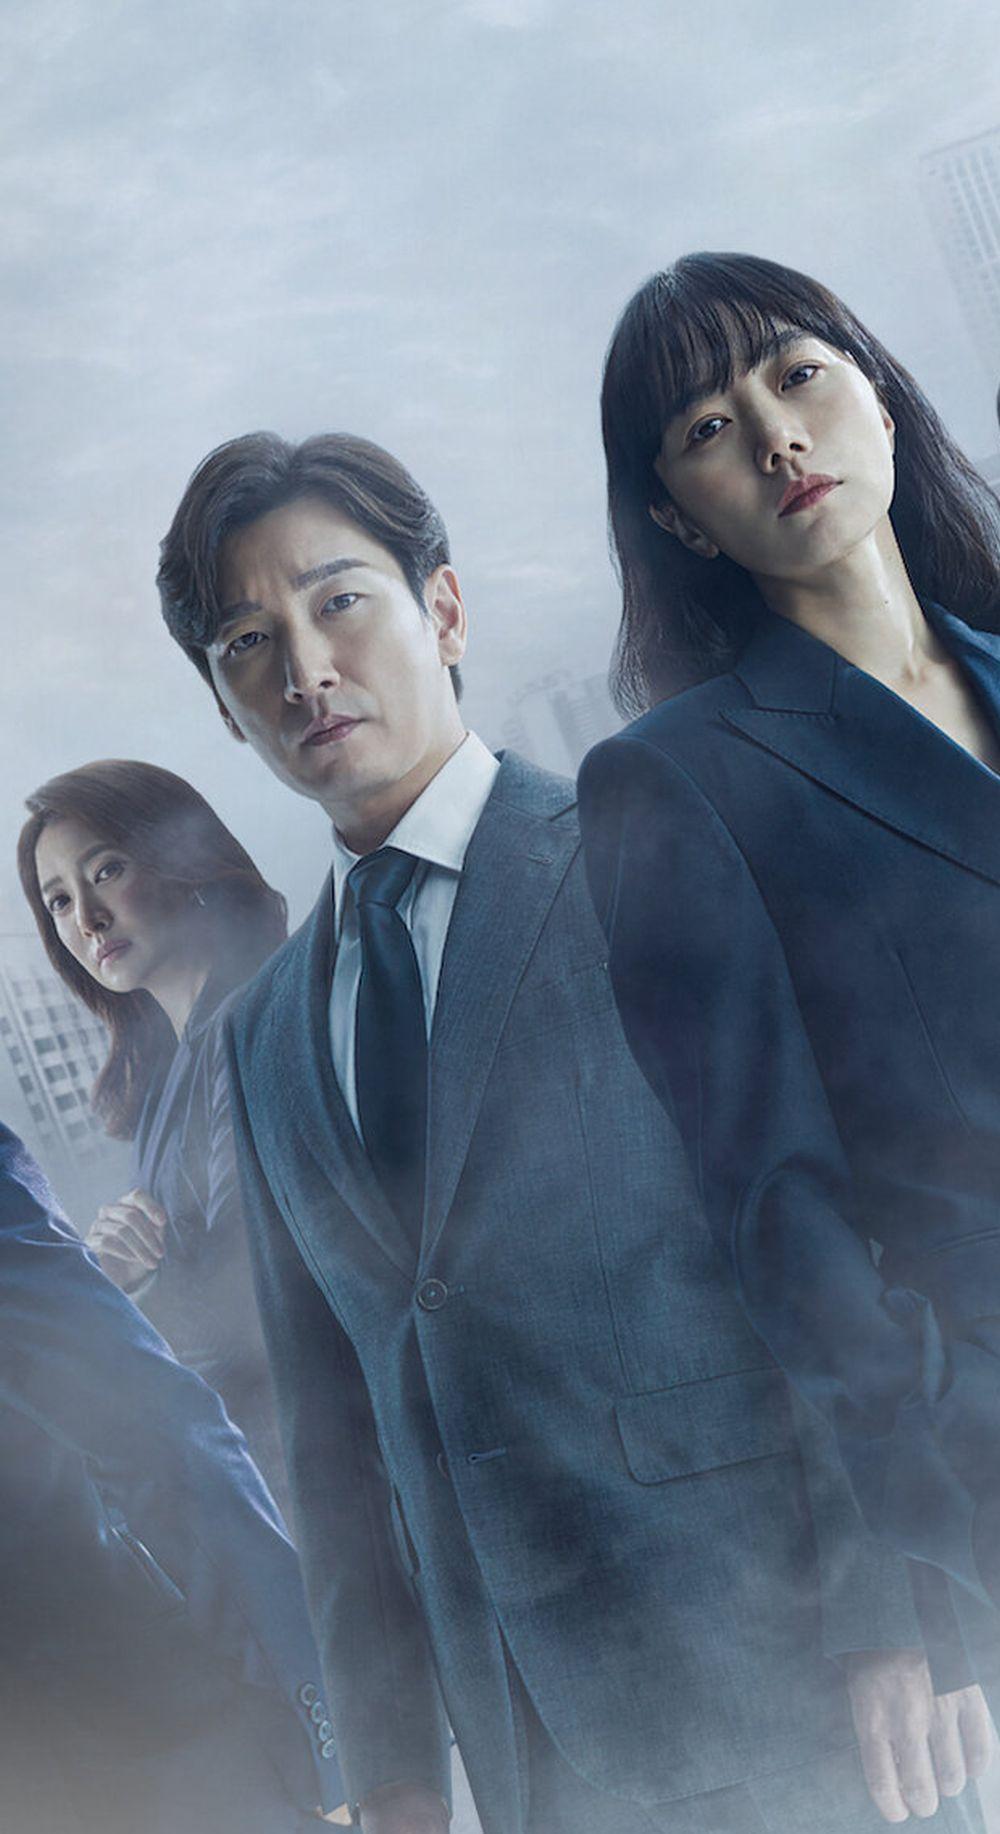 Luchshie korejskie dramy - Лучшие корейские дорамы, которые полностью вас зацепят